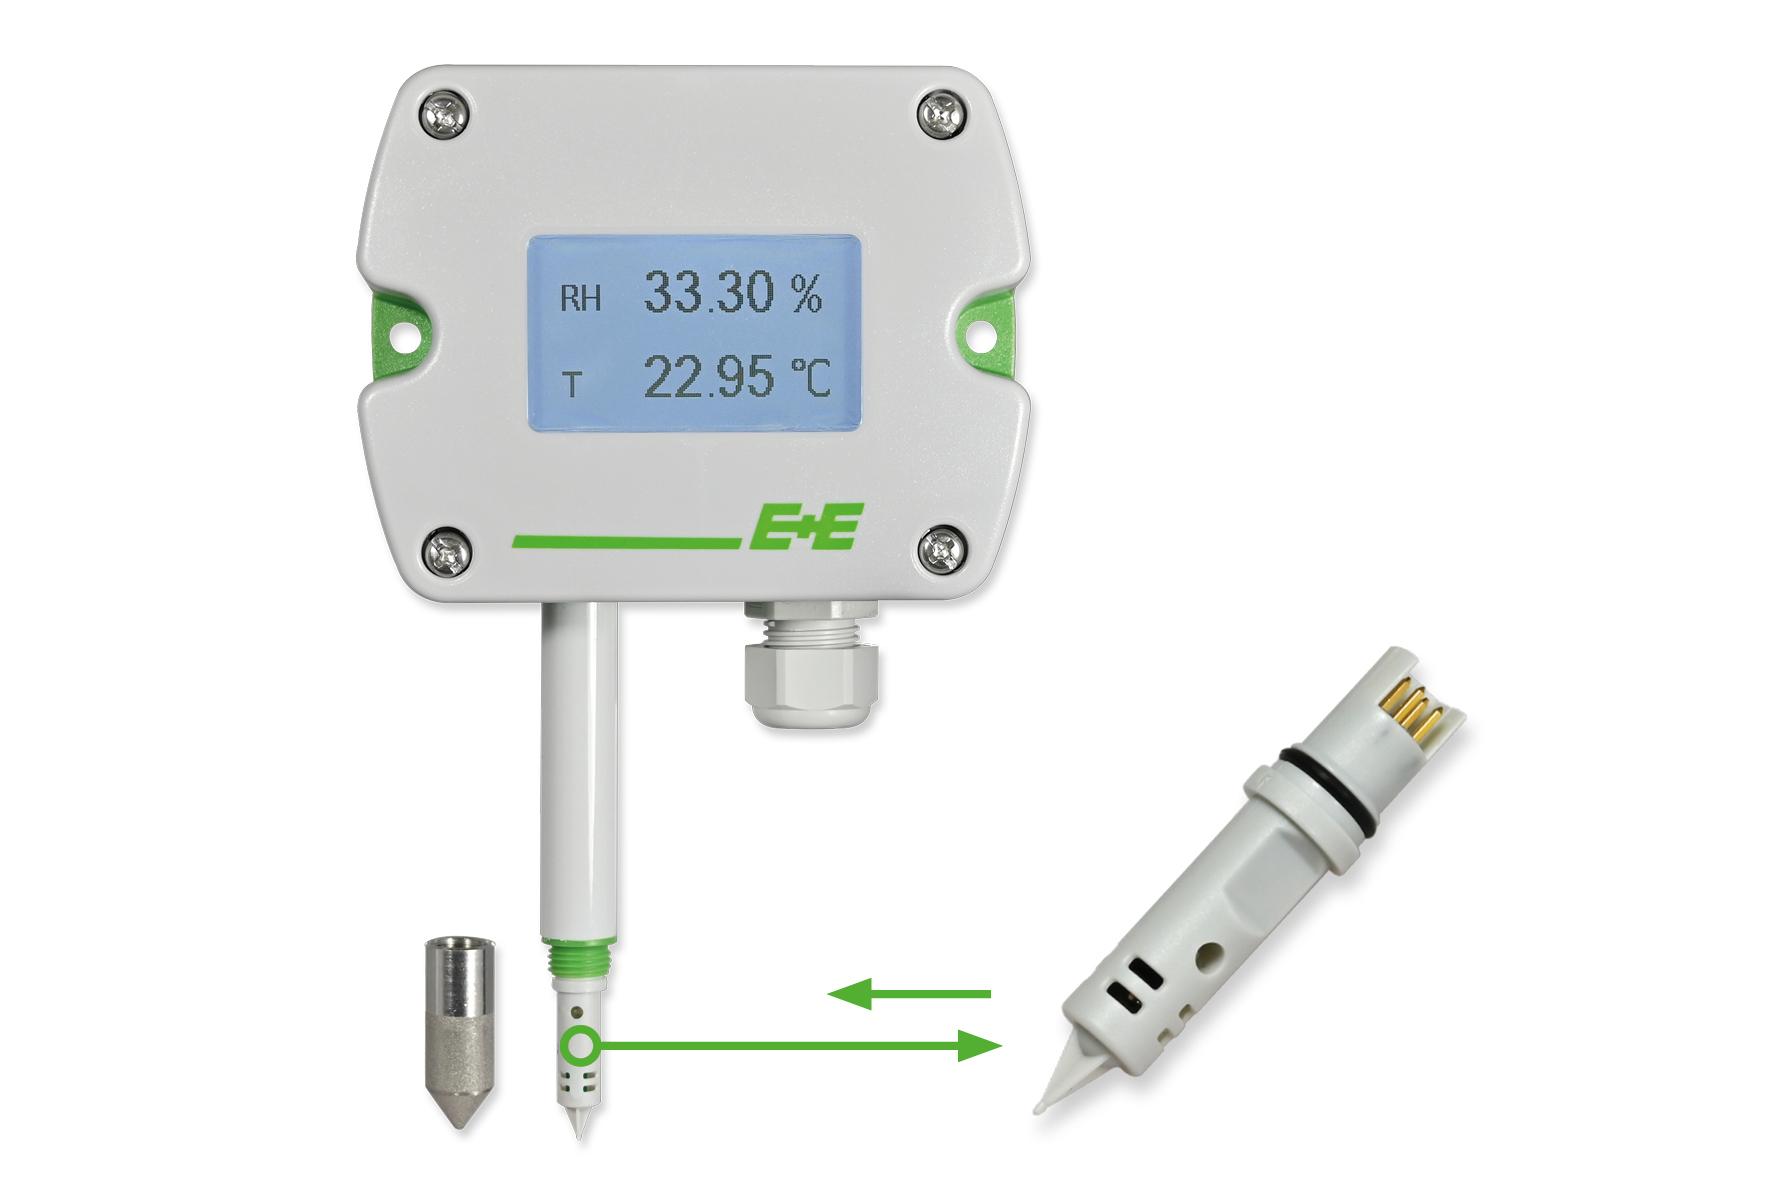 E+E Vochtigheids- en temperatuursensor met verwisselbare sensor-tip - Betrouwbaar blijven meten zonder omslachtige kalibraties!